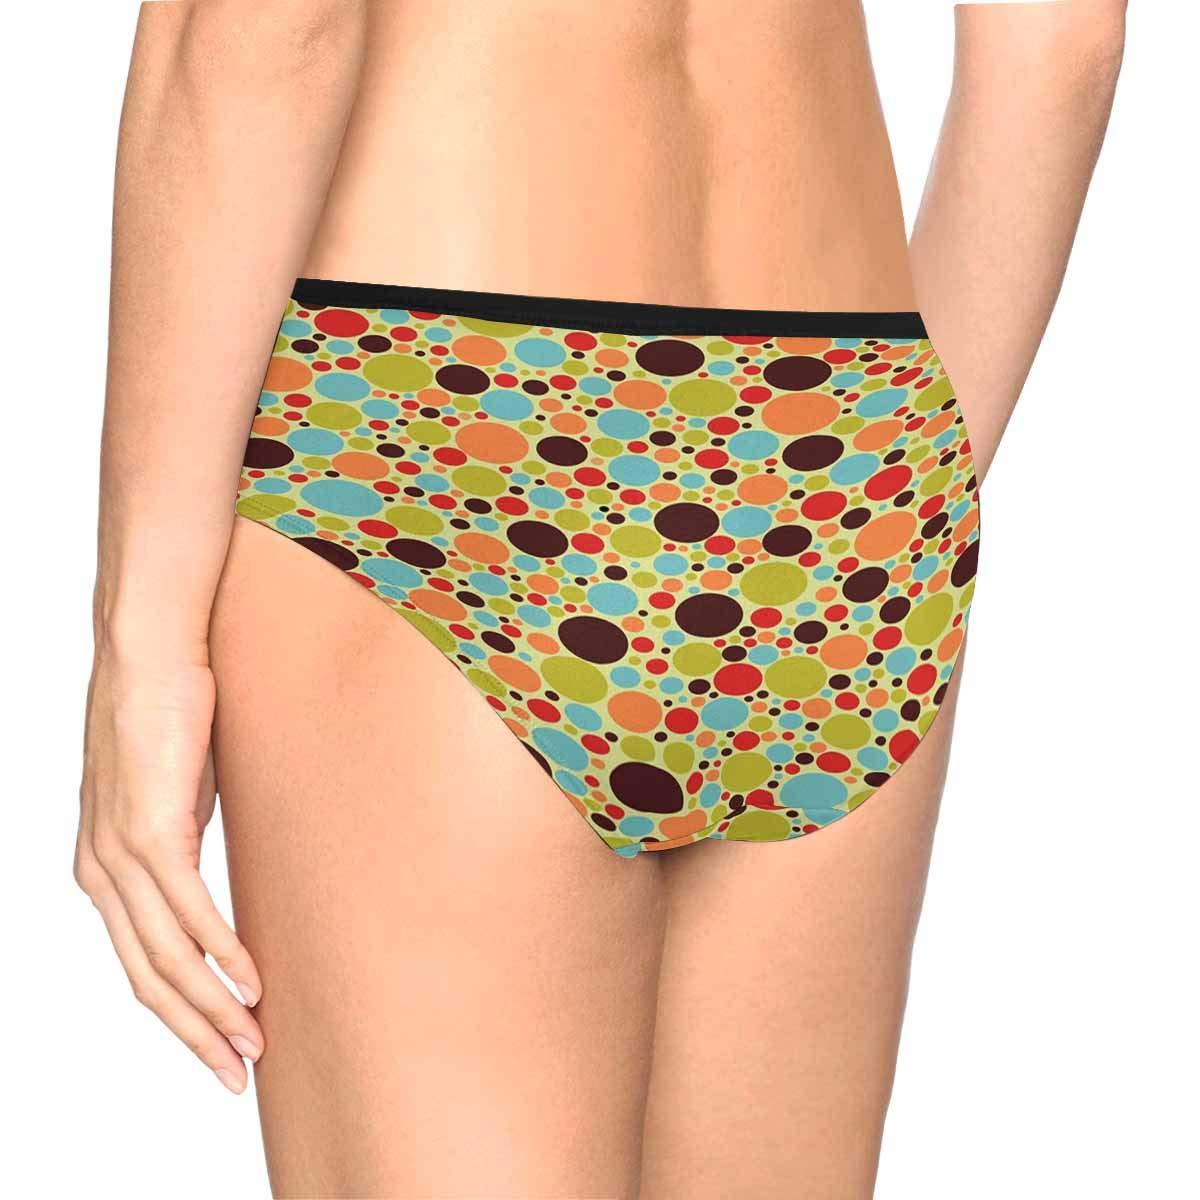 INTERESTPRINT Womens High Waist Underwear Soft Panties XS-3XL